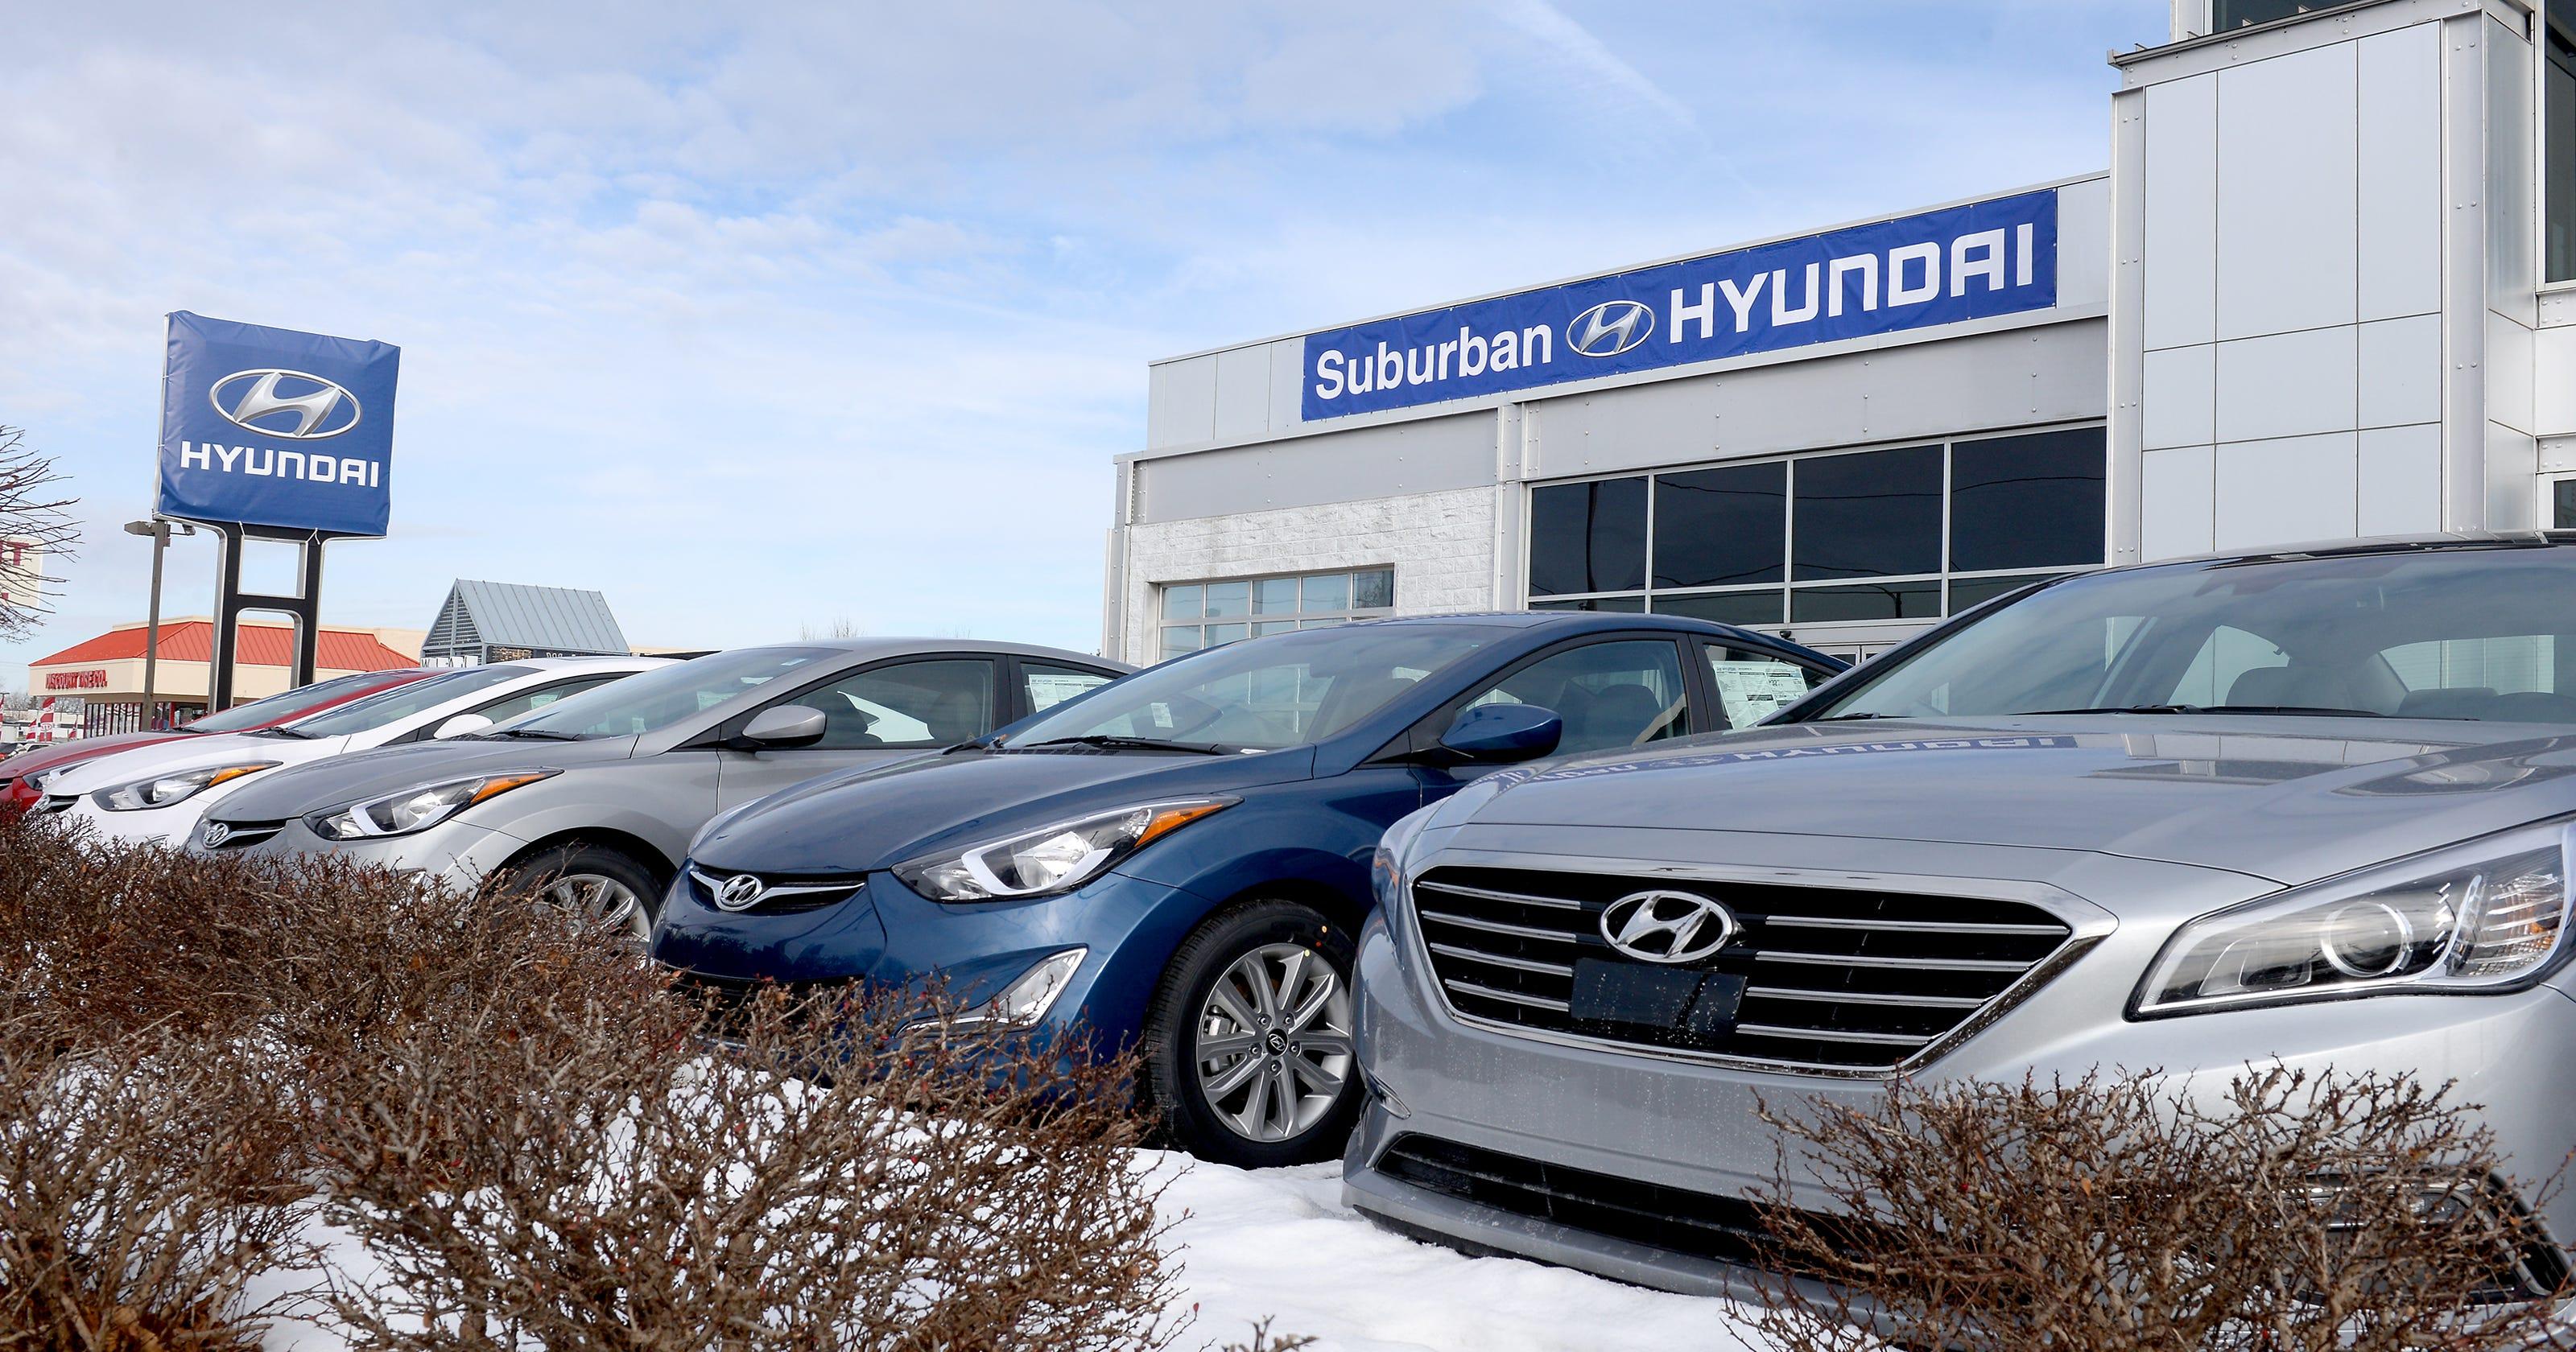 New Hyundai Dealership Opens In Lansing